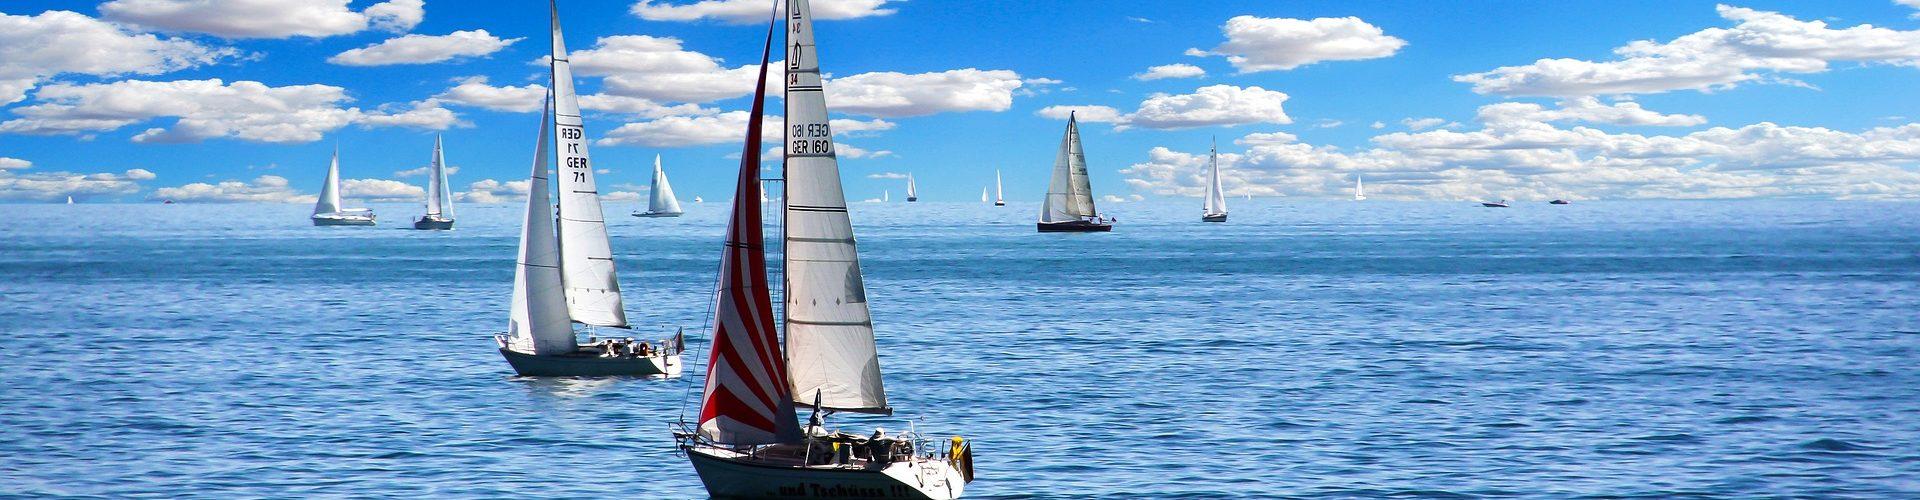 segeln lernen in Herzogenrath segelschein machen in Herzogenrath 1920x500 - Segeln lernen in Herzogenrath